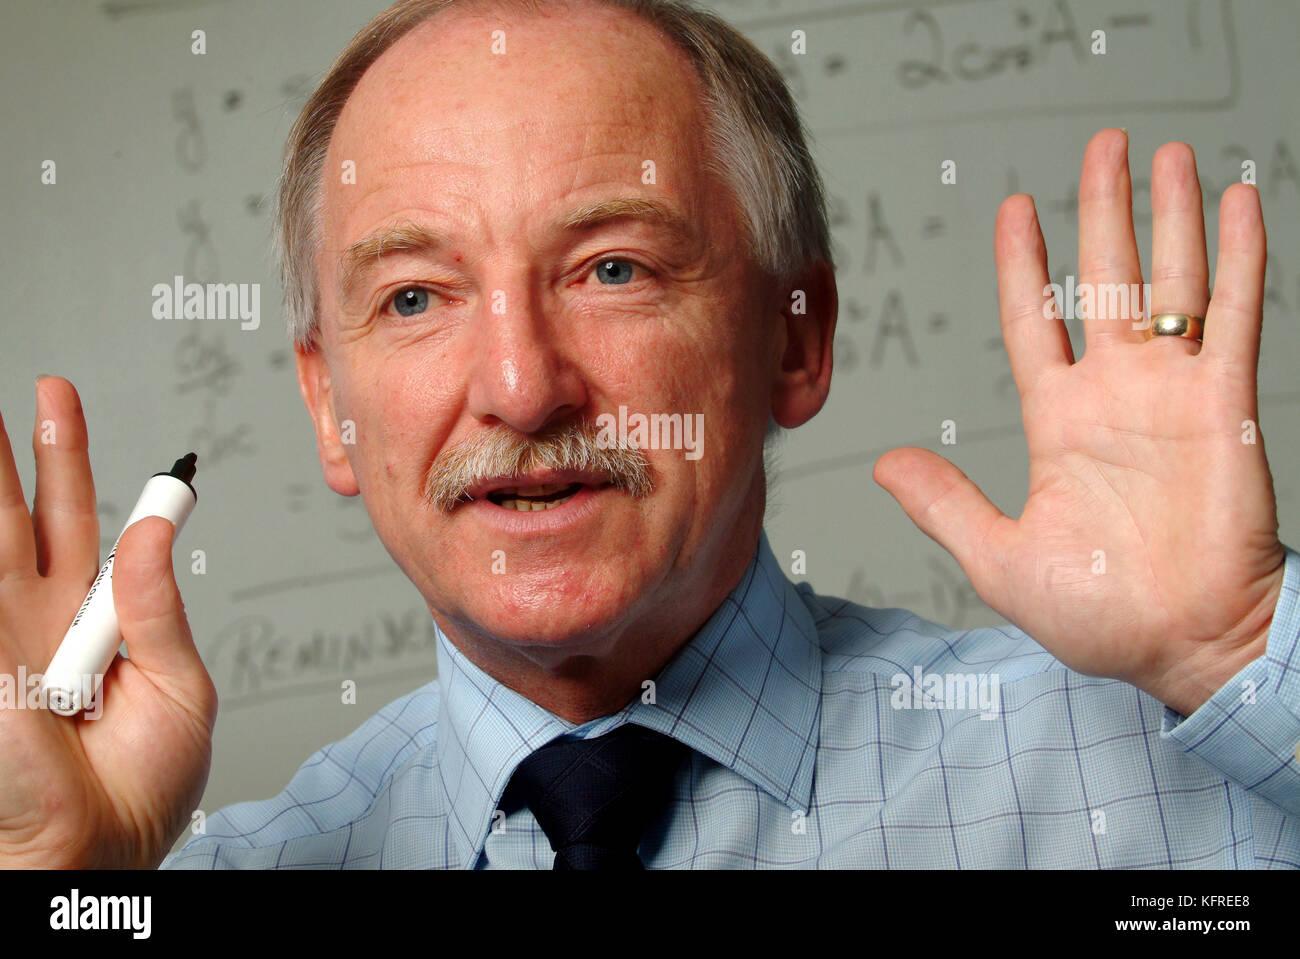 Teacher Eric Evans, Ysgol Dyffryn Taf School, Whitland, W.Wales, using a whiteboard for a class. Stock Photo